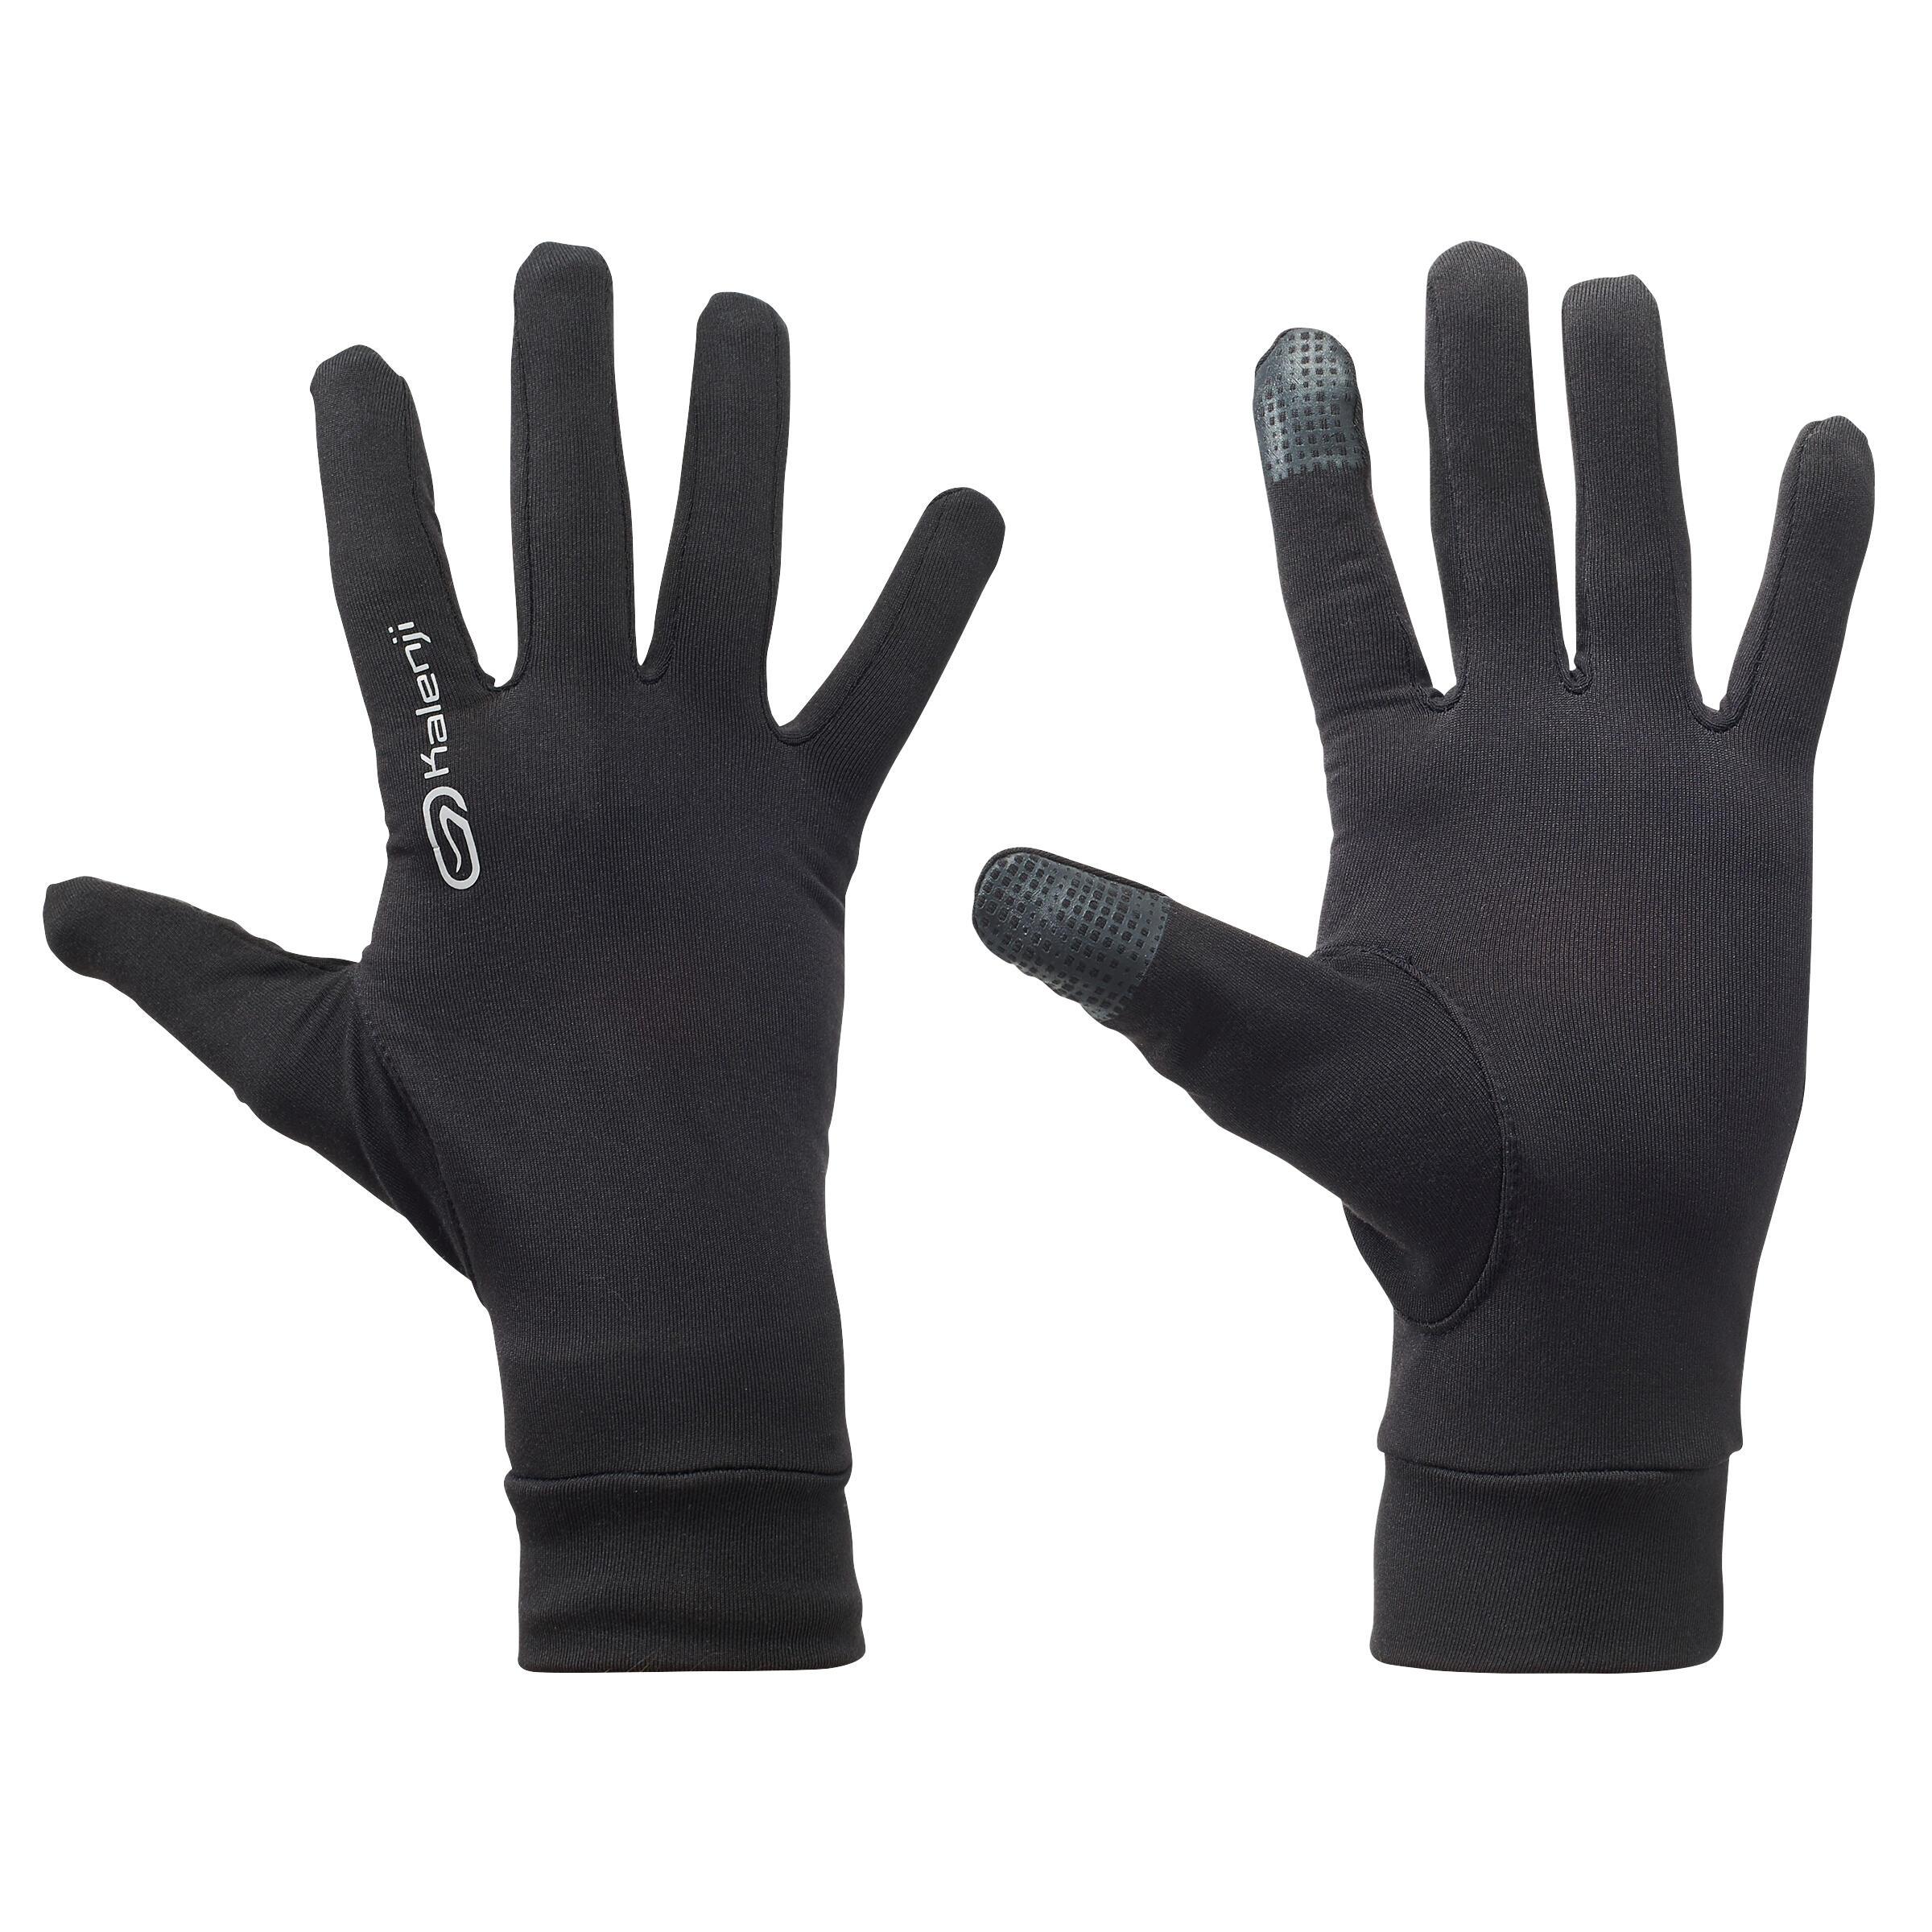 1d6295a3329 Handschoenen kopen? | Decathlon.nl